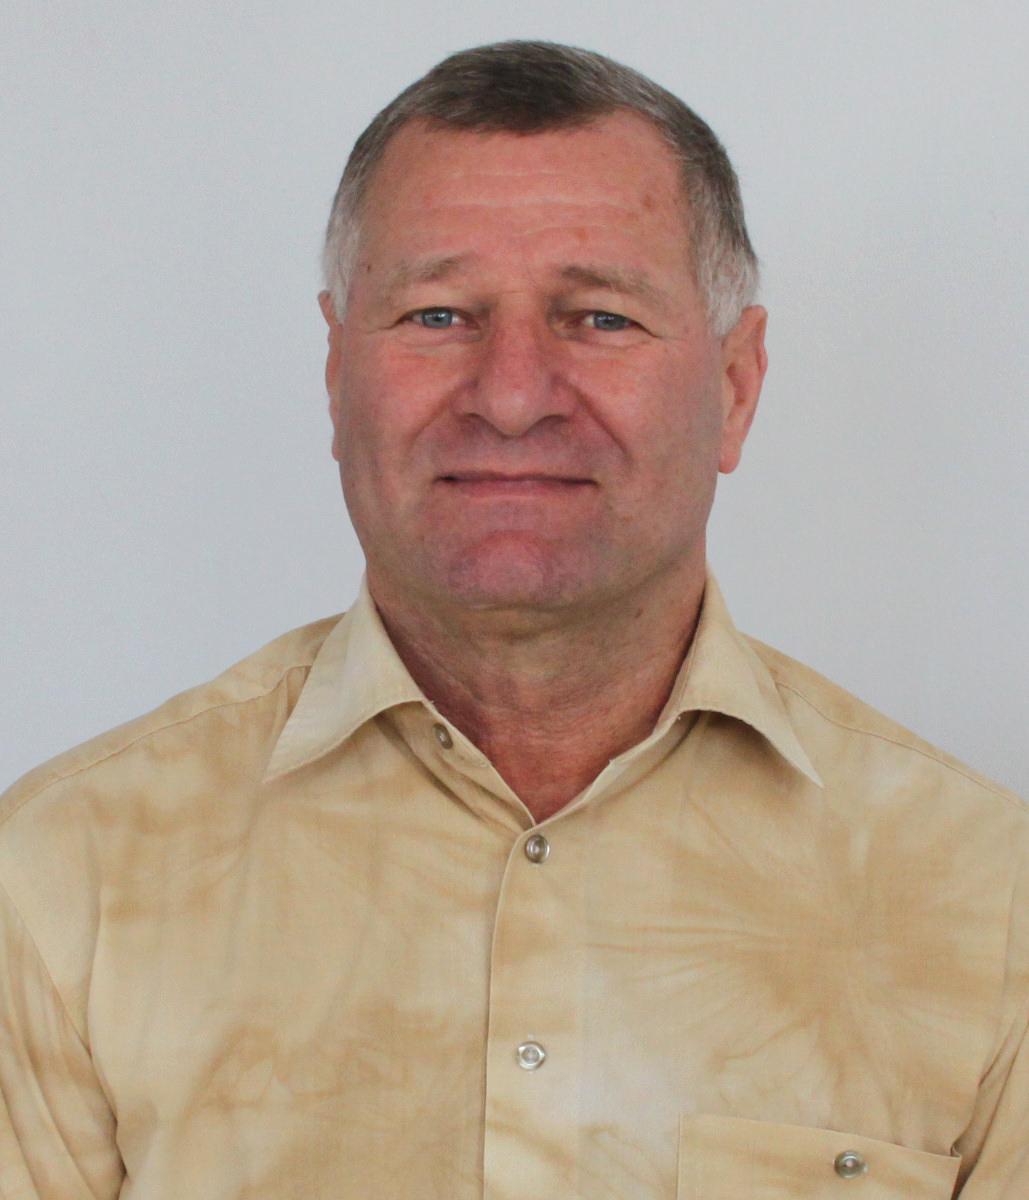 Laiu Gheorghe